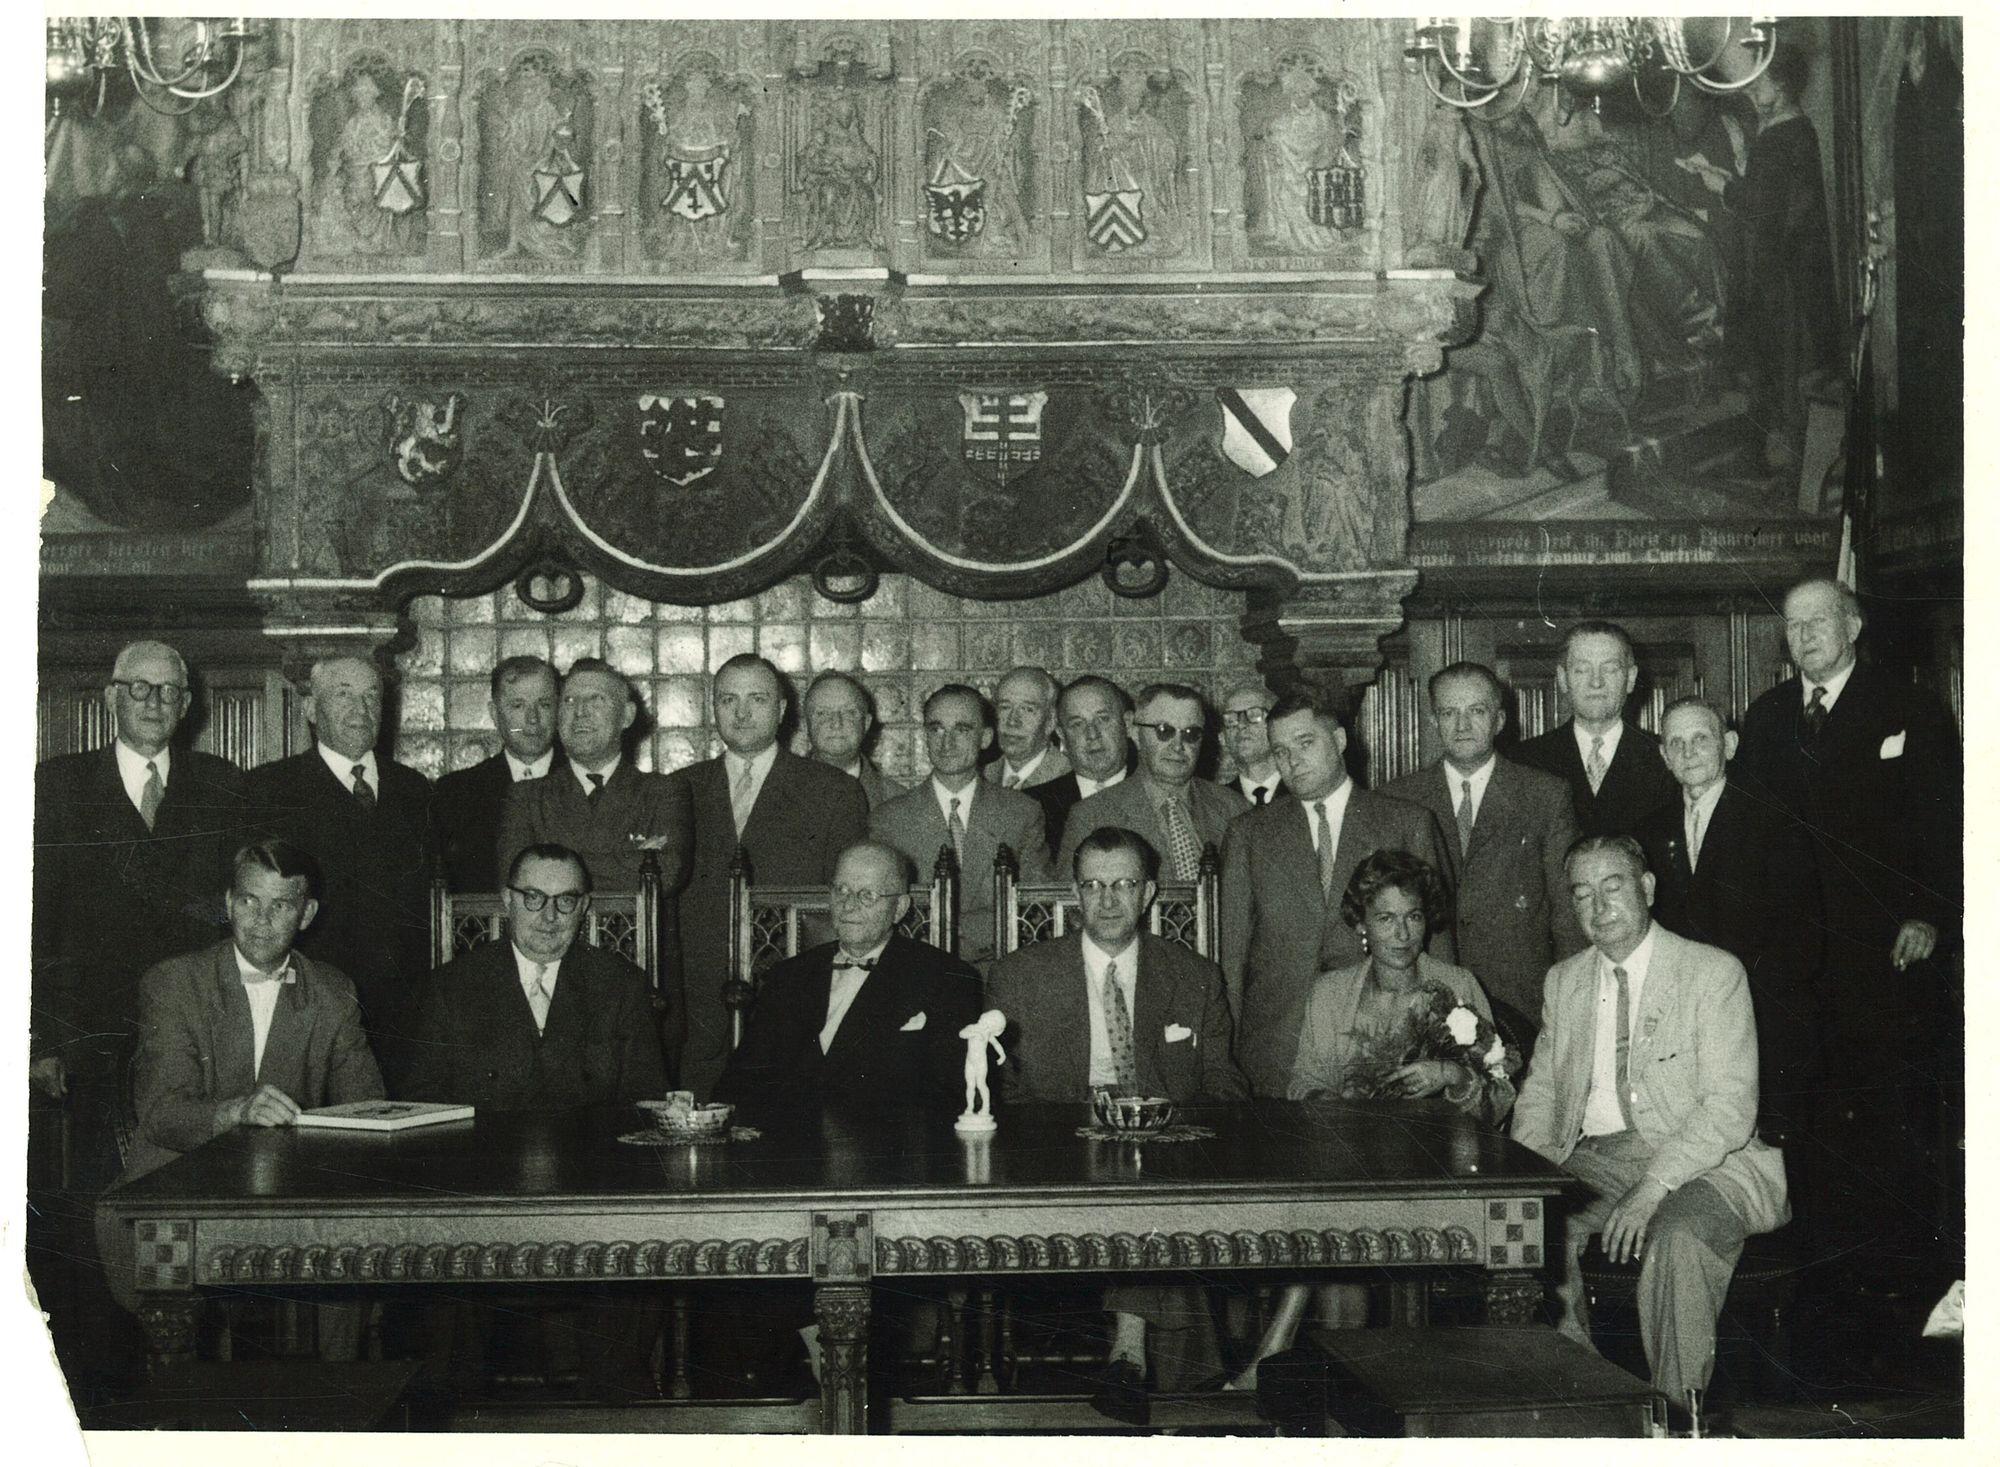 Groepsfoto met  burgemeester Coussens in de historische schepenzaal